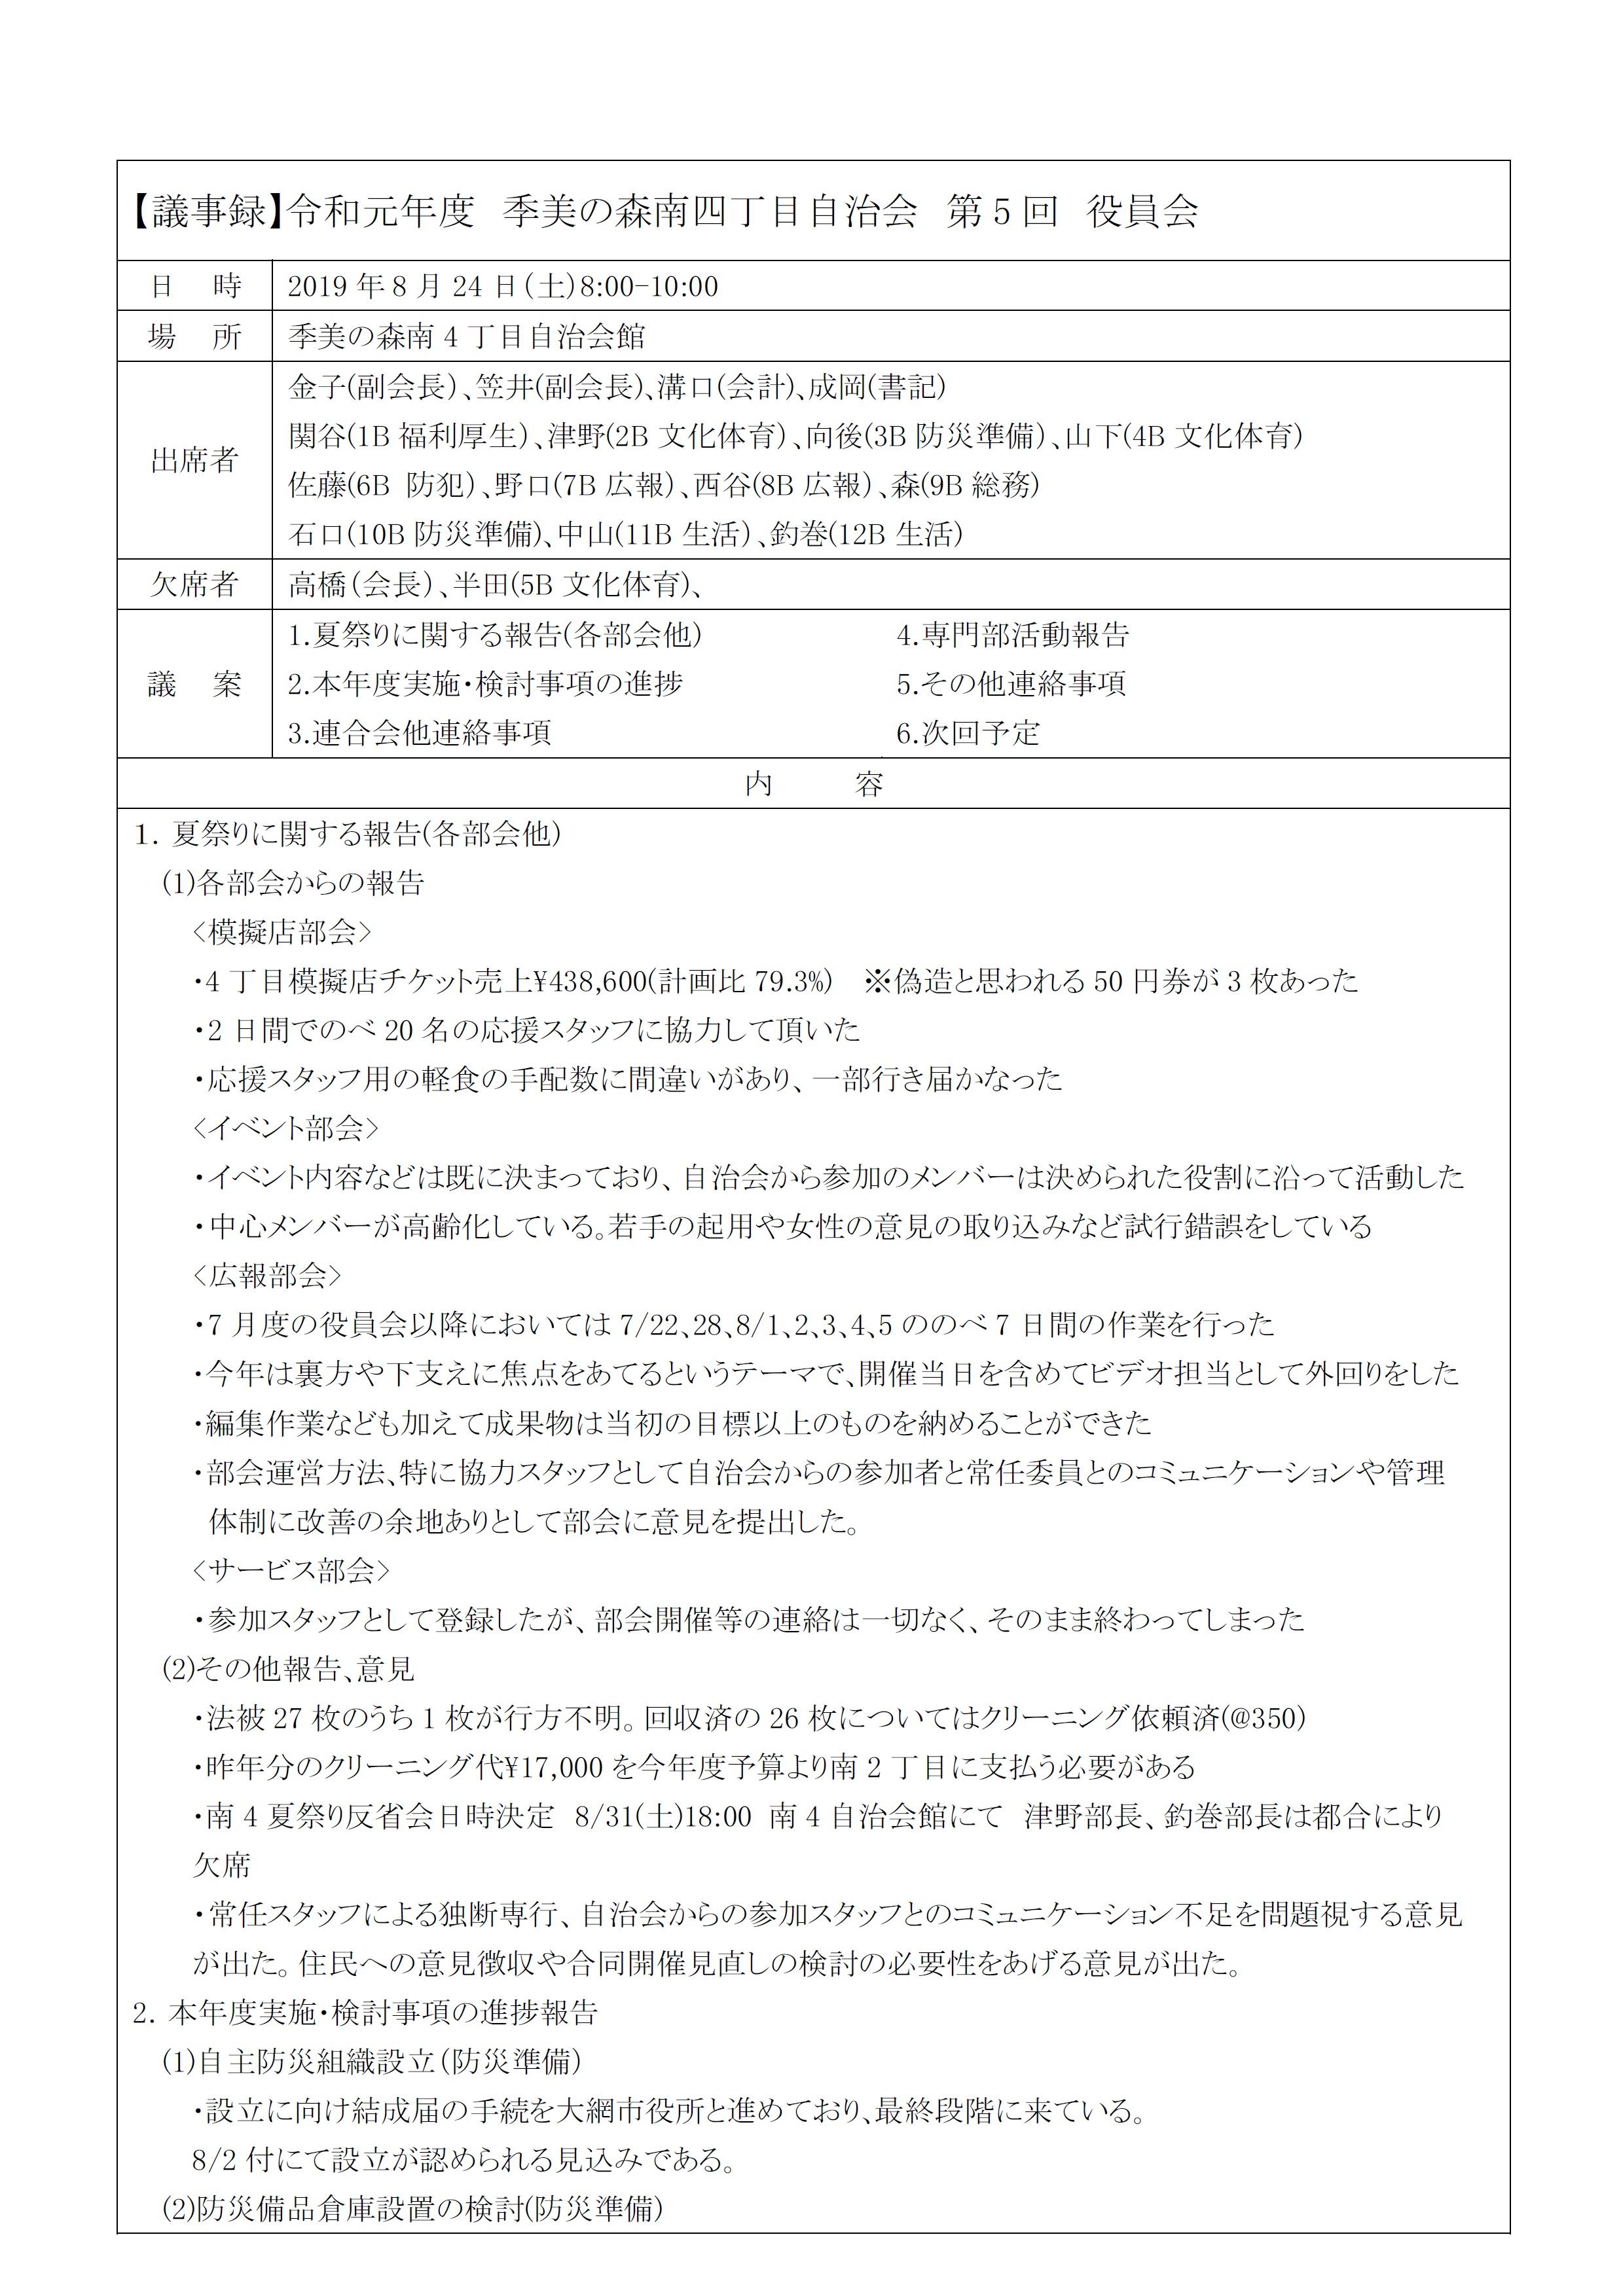 2019第5回役員会議事録P1